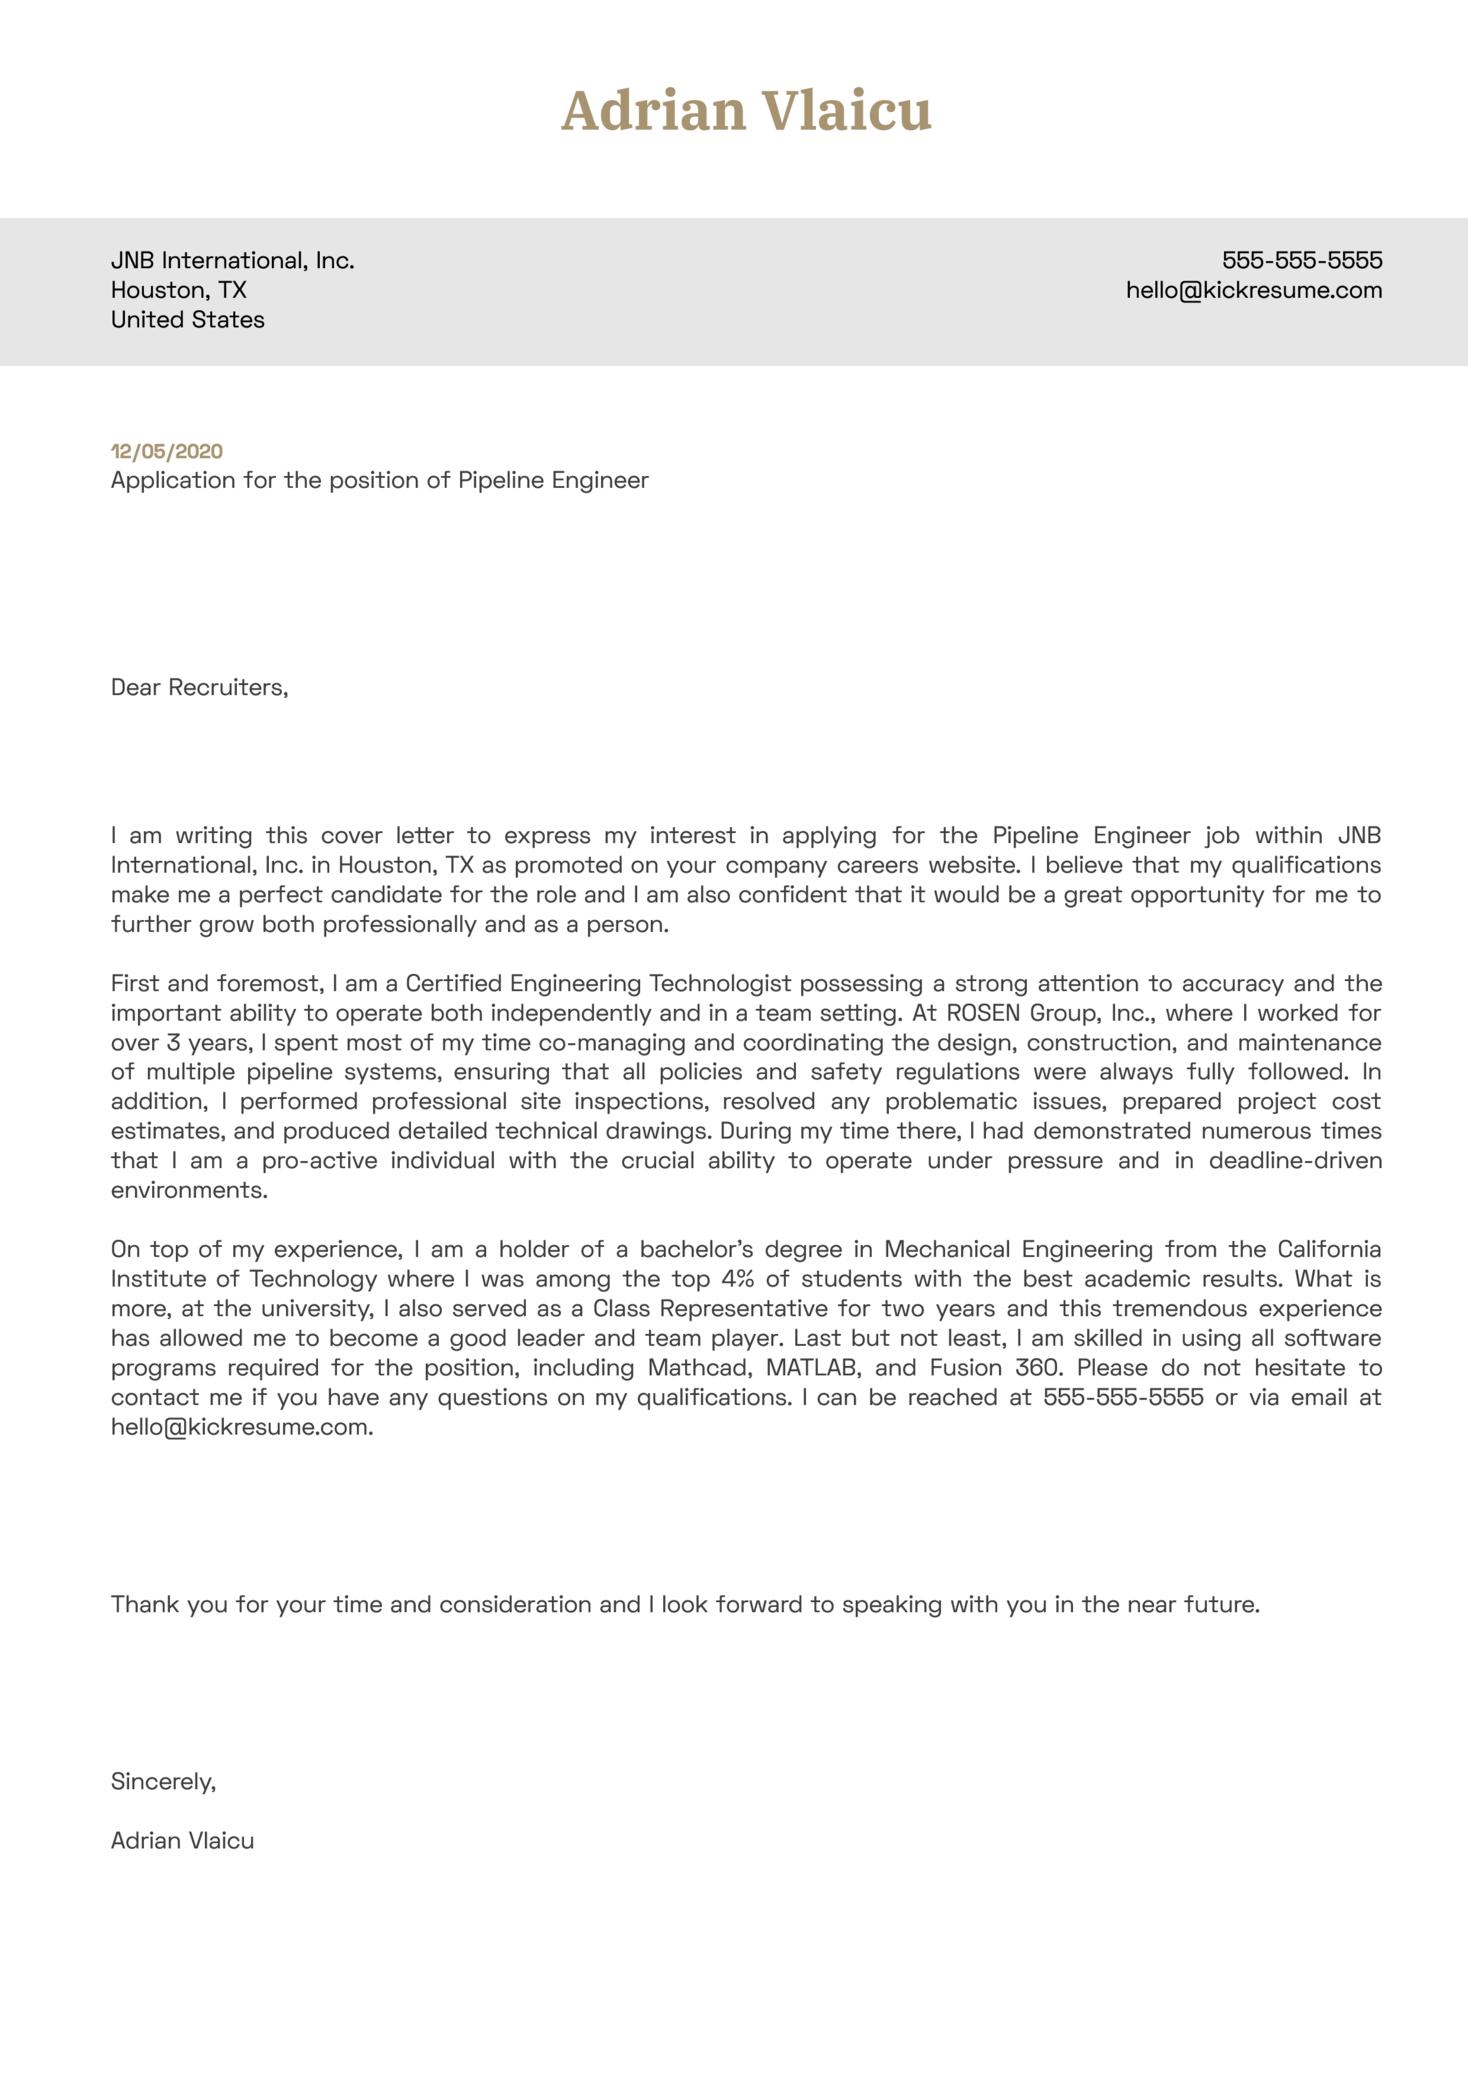 Pipeline Engineer Cover Letter Sample